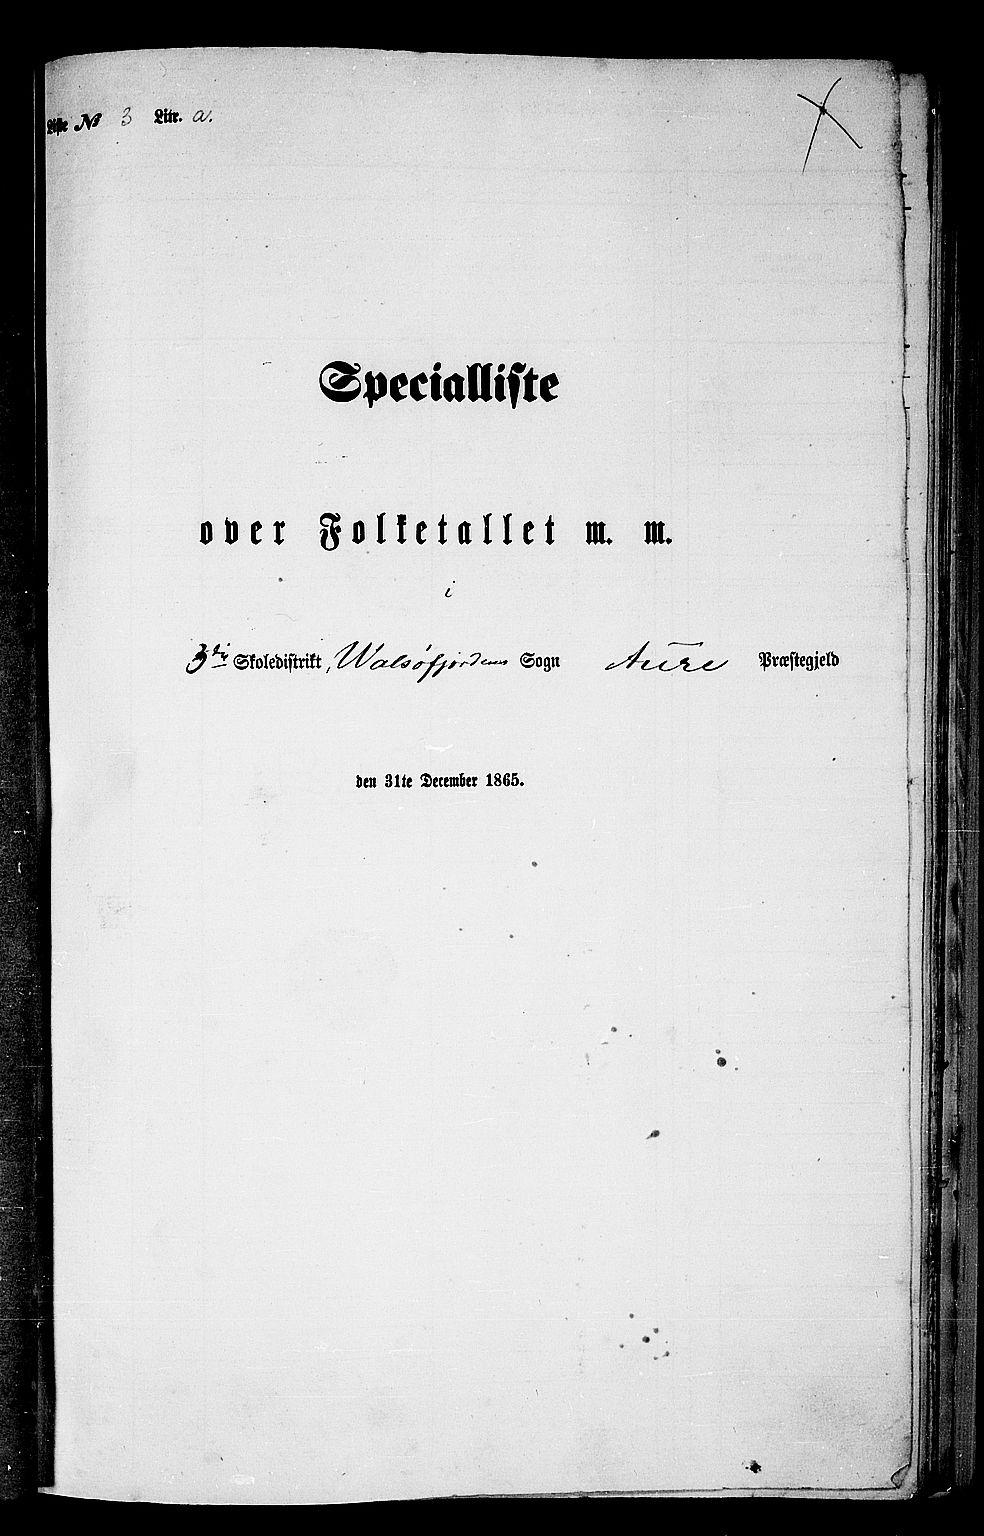 RA, Folketelling 1865 for 1569P Aure prestegjeld, 1865, s. 53